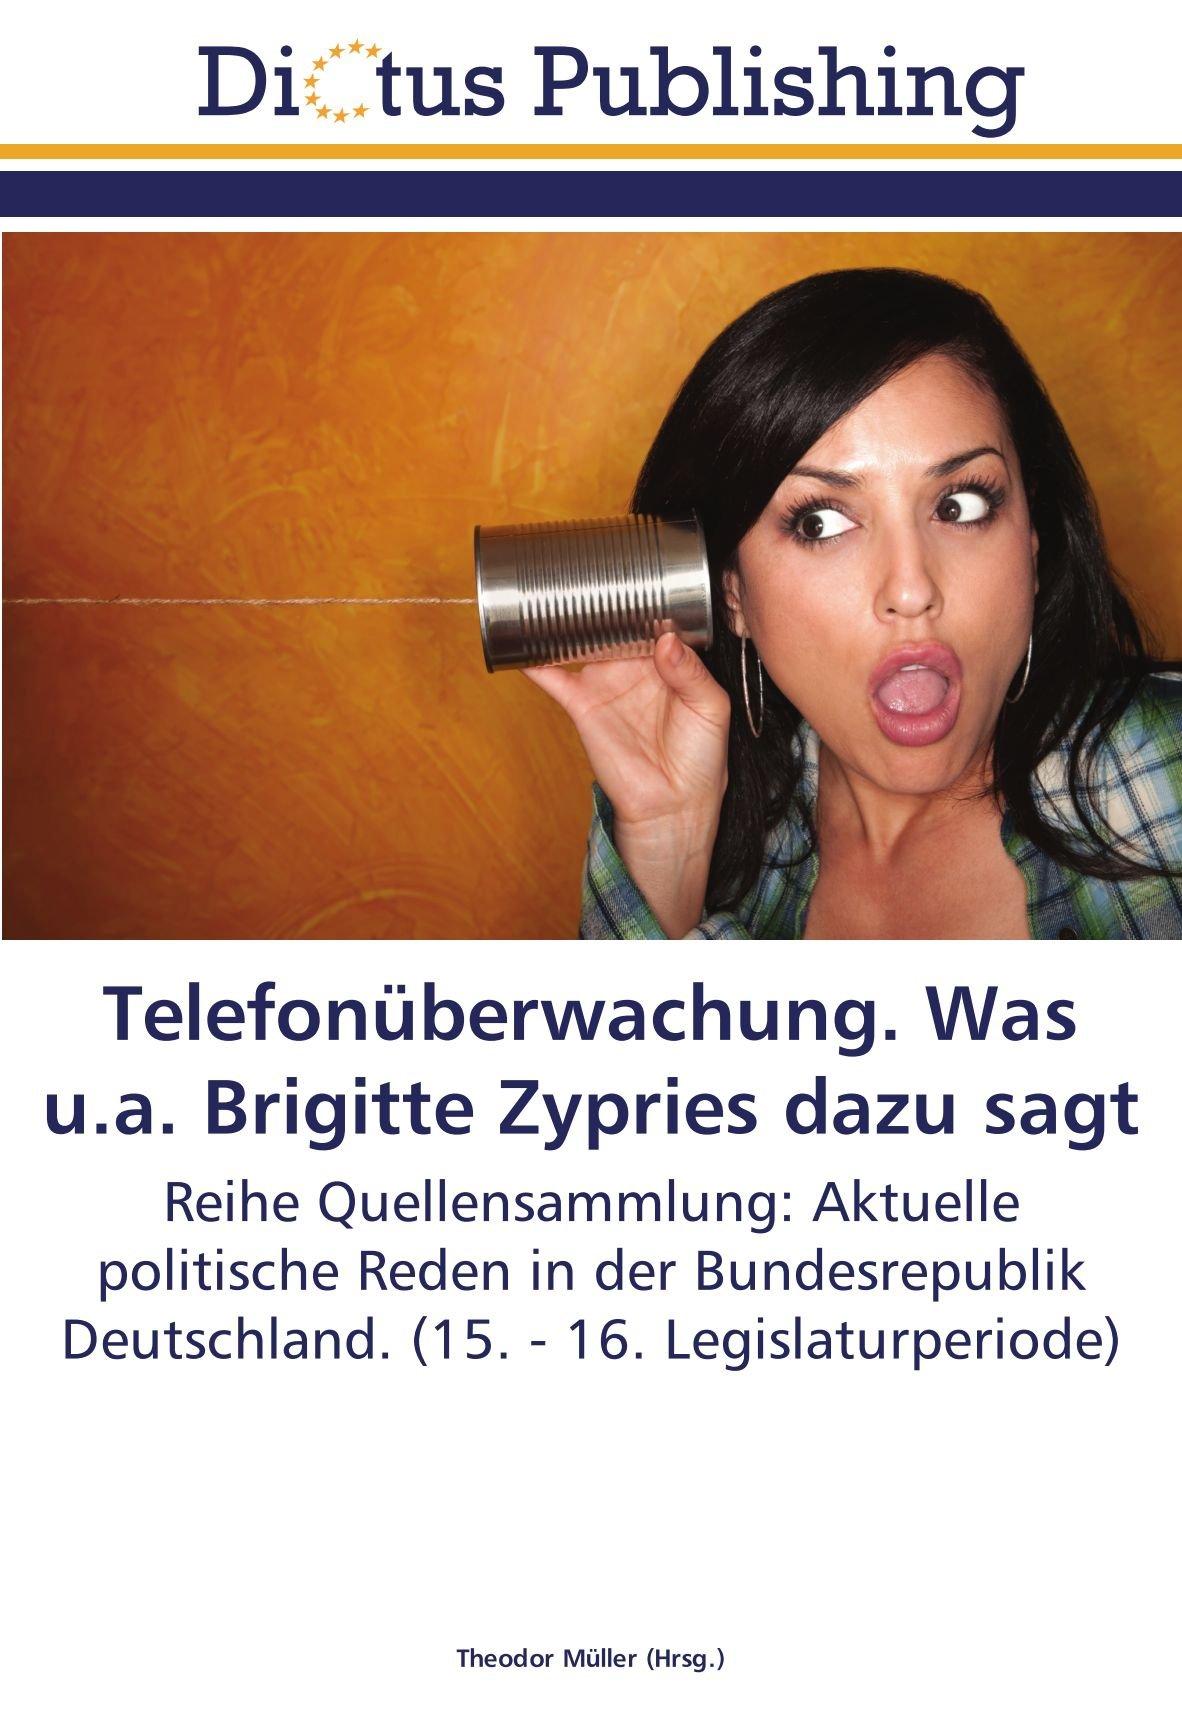 Download Telefonüberwachung. Was u.a. Brigitte Zypries dazu sagt: Reihe Quellensammlung: Aktuelle politische Reden in der Bundesrepublik Deutschland. (15. - 16. Legislaturperiode) (German Edition) pdf